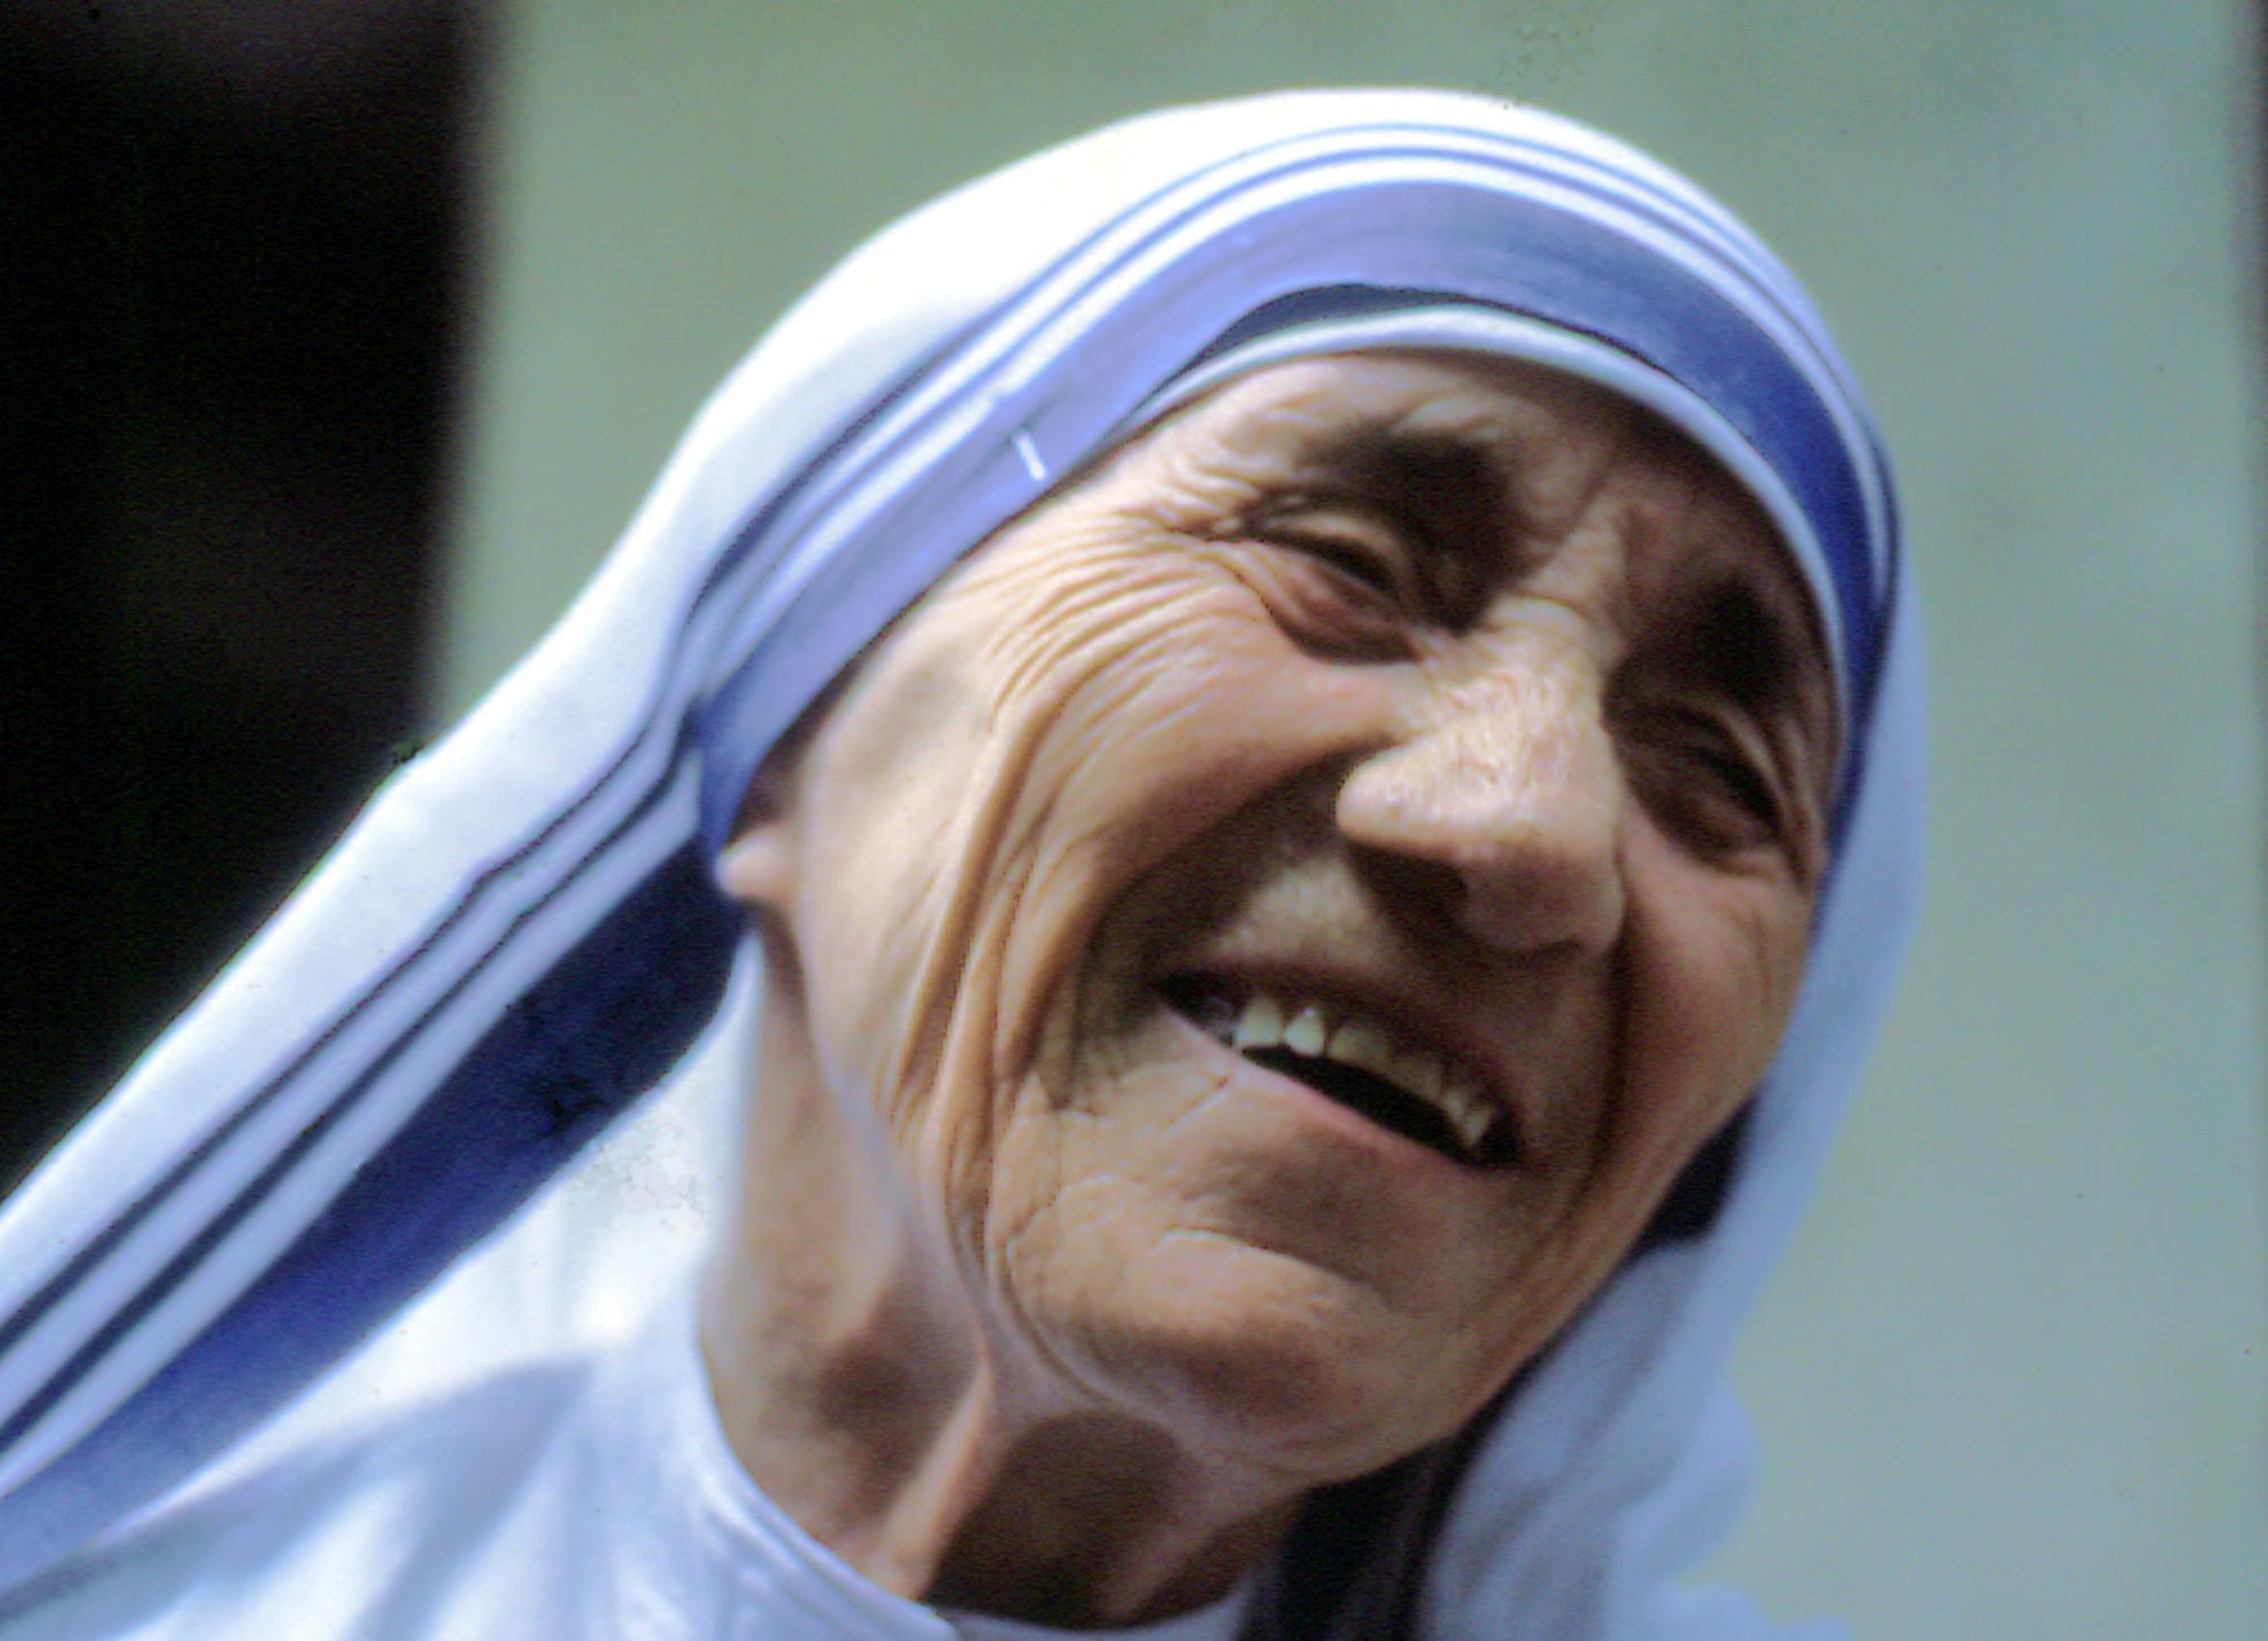 Mère Teresa de Calcutta - WIKIMEDIA COMMONS - Manfredo Ferrari